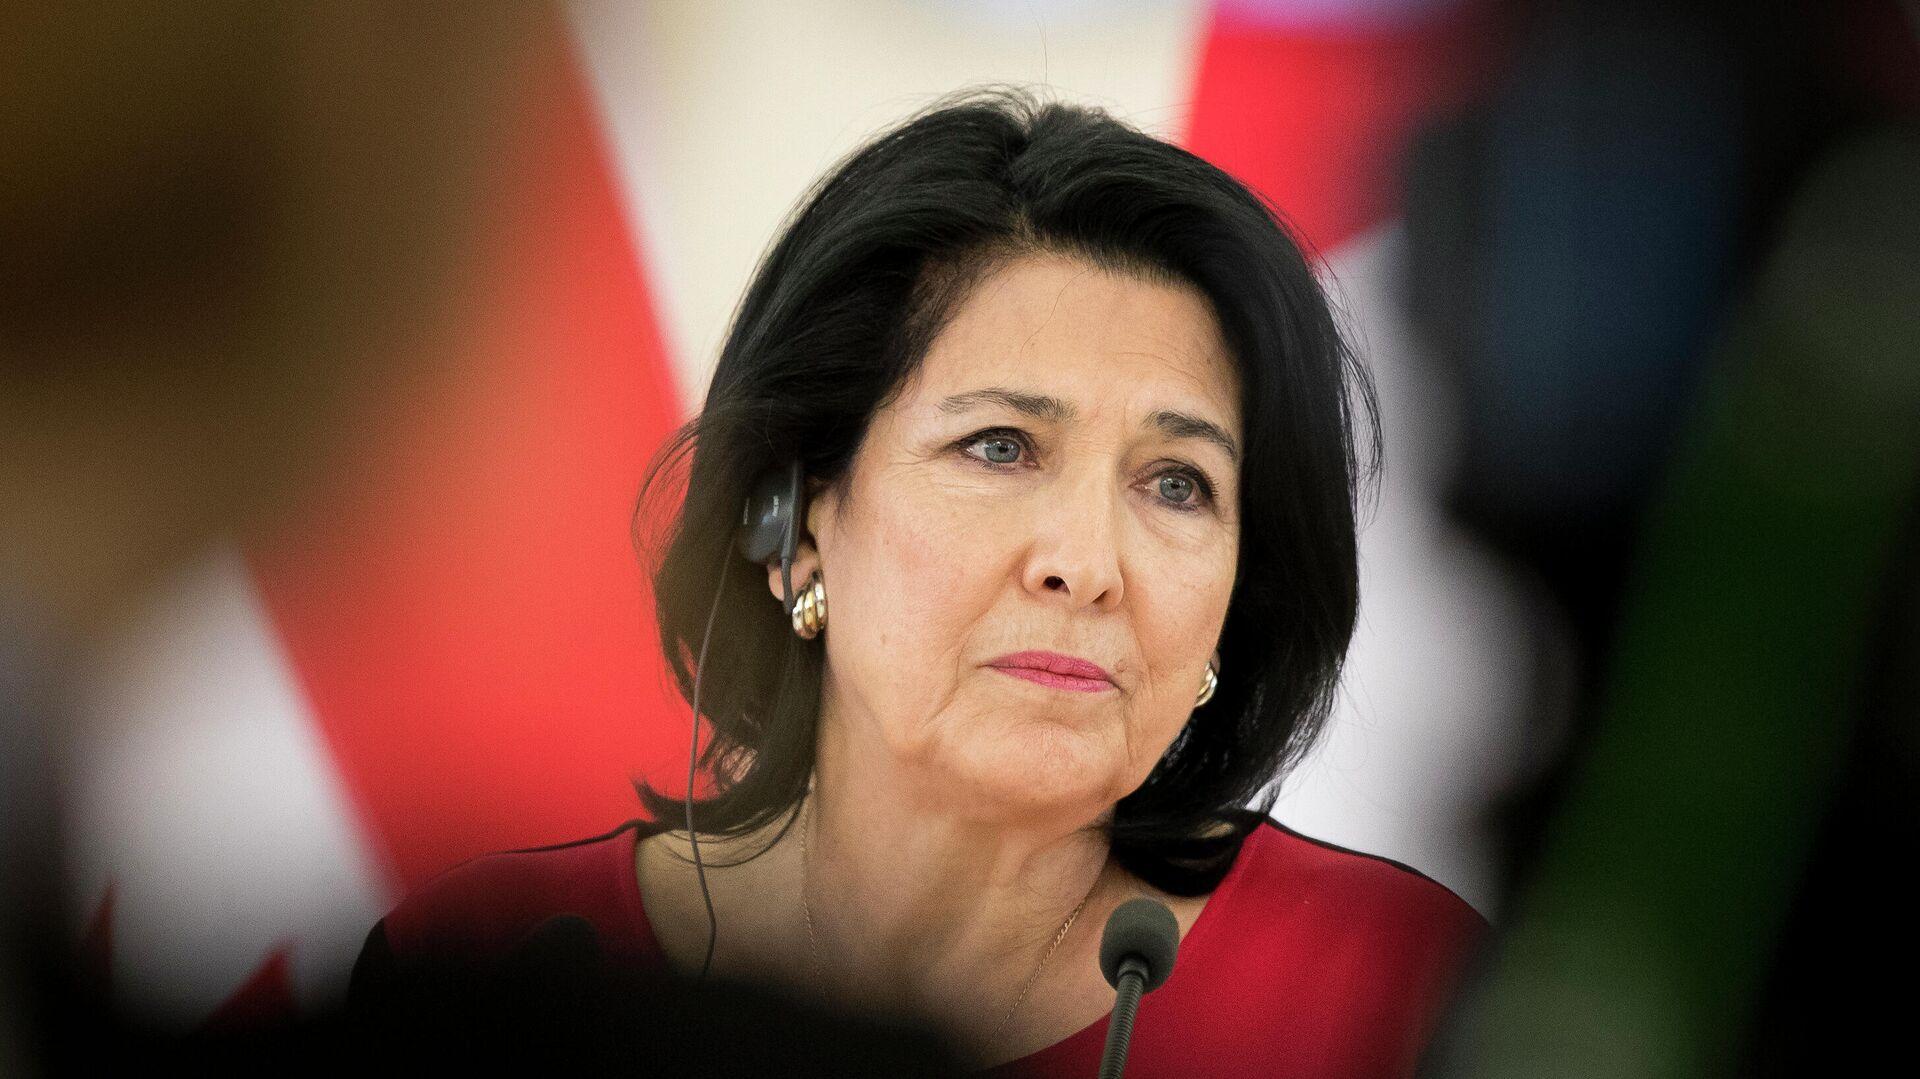 Президент Грузии заявила, что проголосовала за европейское будущее страны -  РИА Новости, 31.10.2020